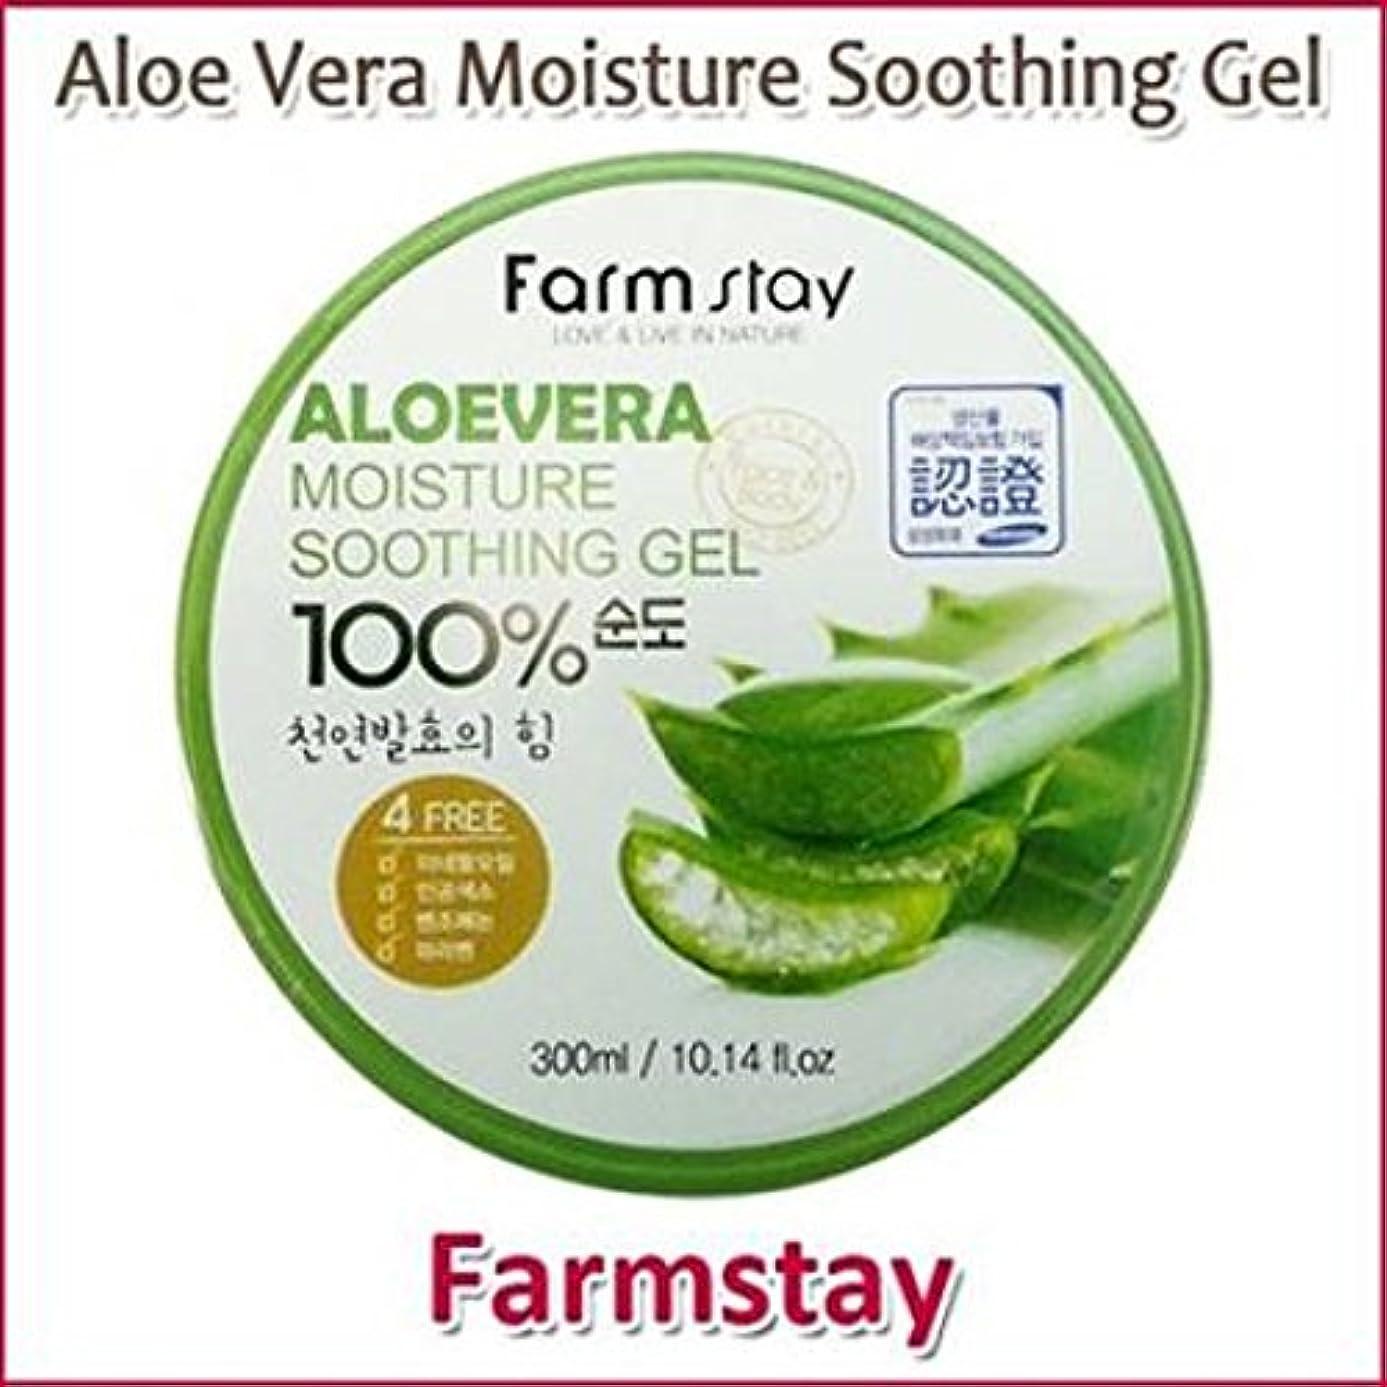 フォーマットアルプス実質的Farm Stay Aloe Vera Moisture Soothing Gel 300ml /オーガニック アロエベラゲル 100%/保湿ケア/韓国コスメ/Aloe Vera 100% /Moisturizing [...